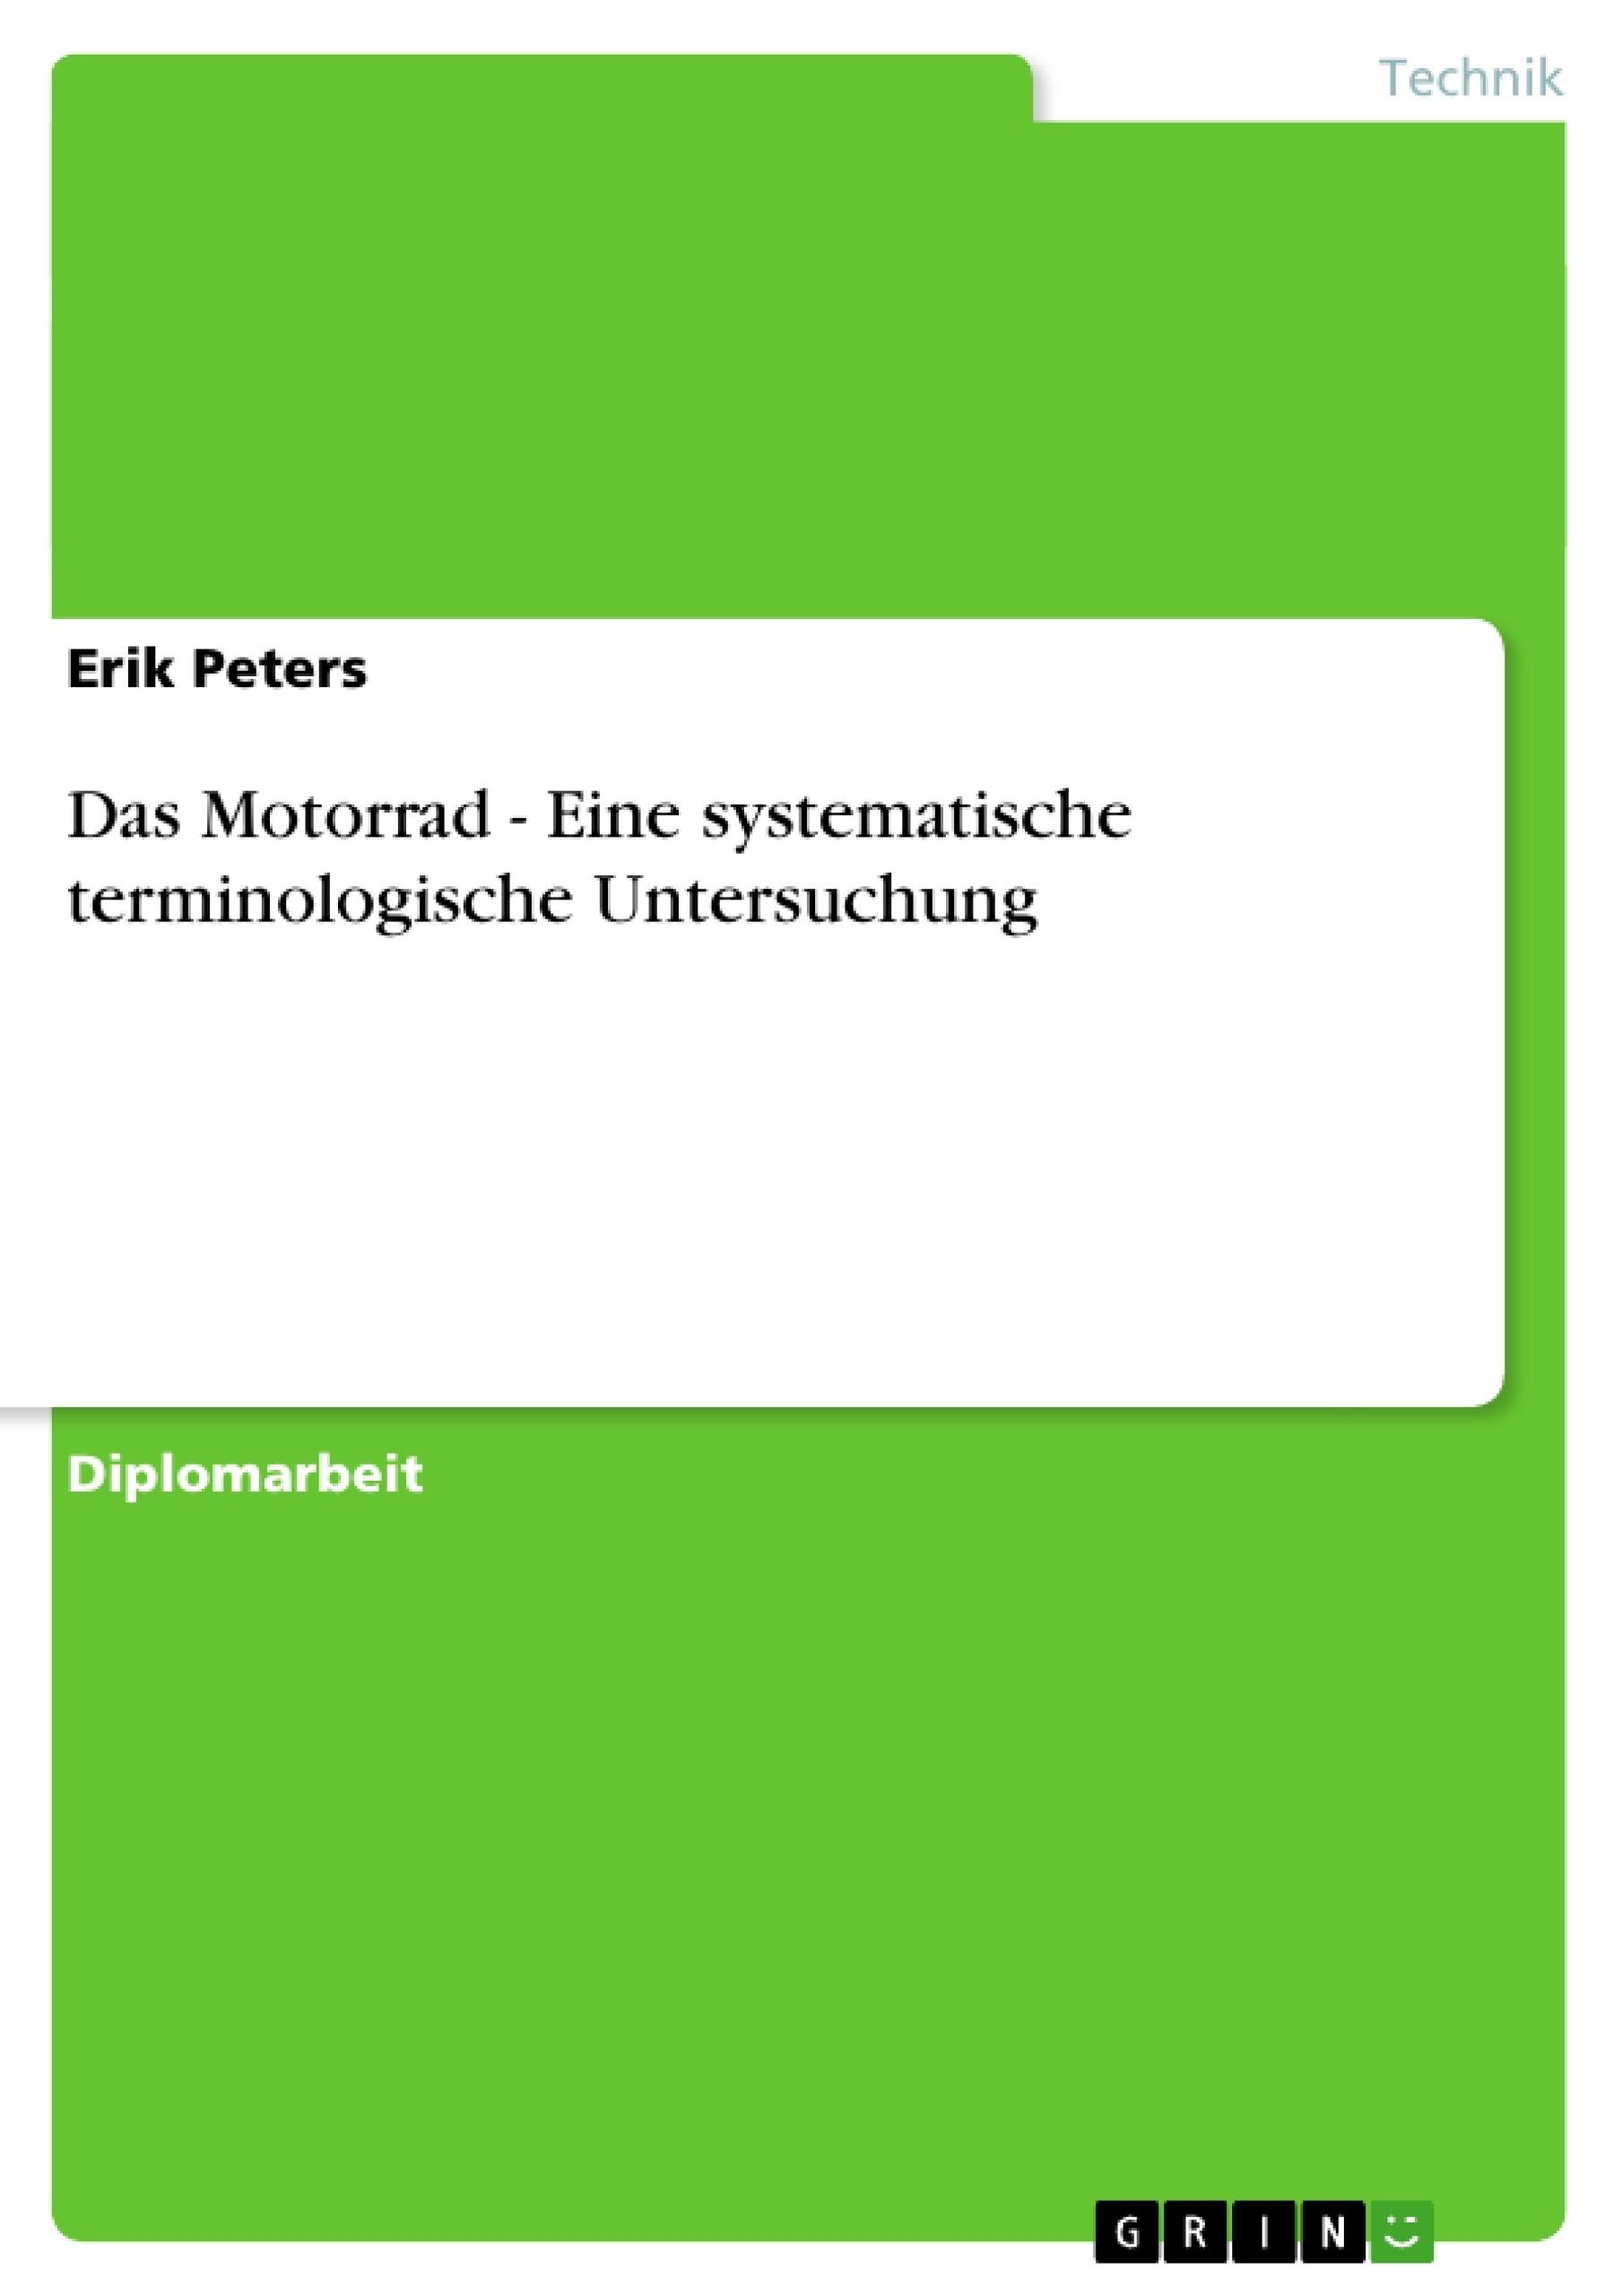 Titel: Das Motorrad - Eine systematische terminologische Untersuchung